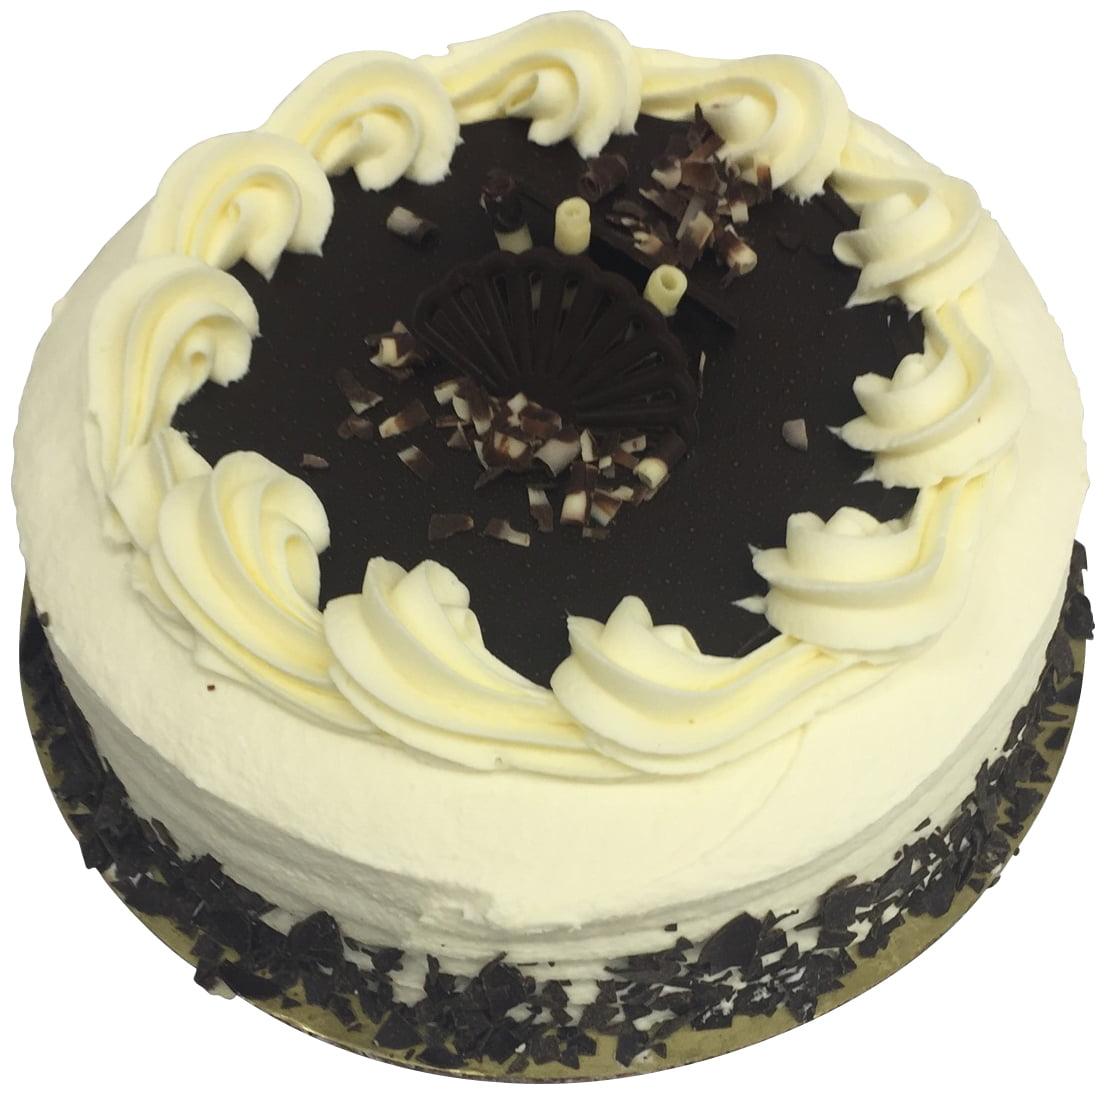 Hostess Star Spangled Cup Cakes, 8 ct, 12.7 oz - Walmart.com